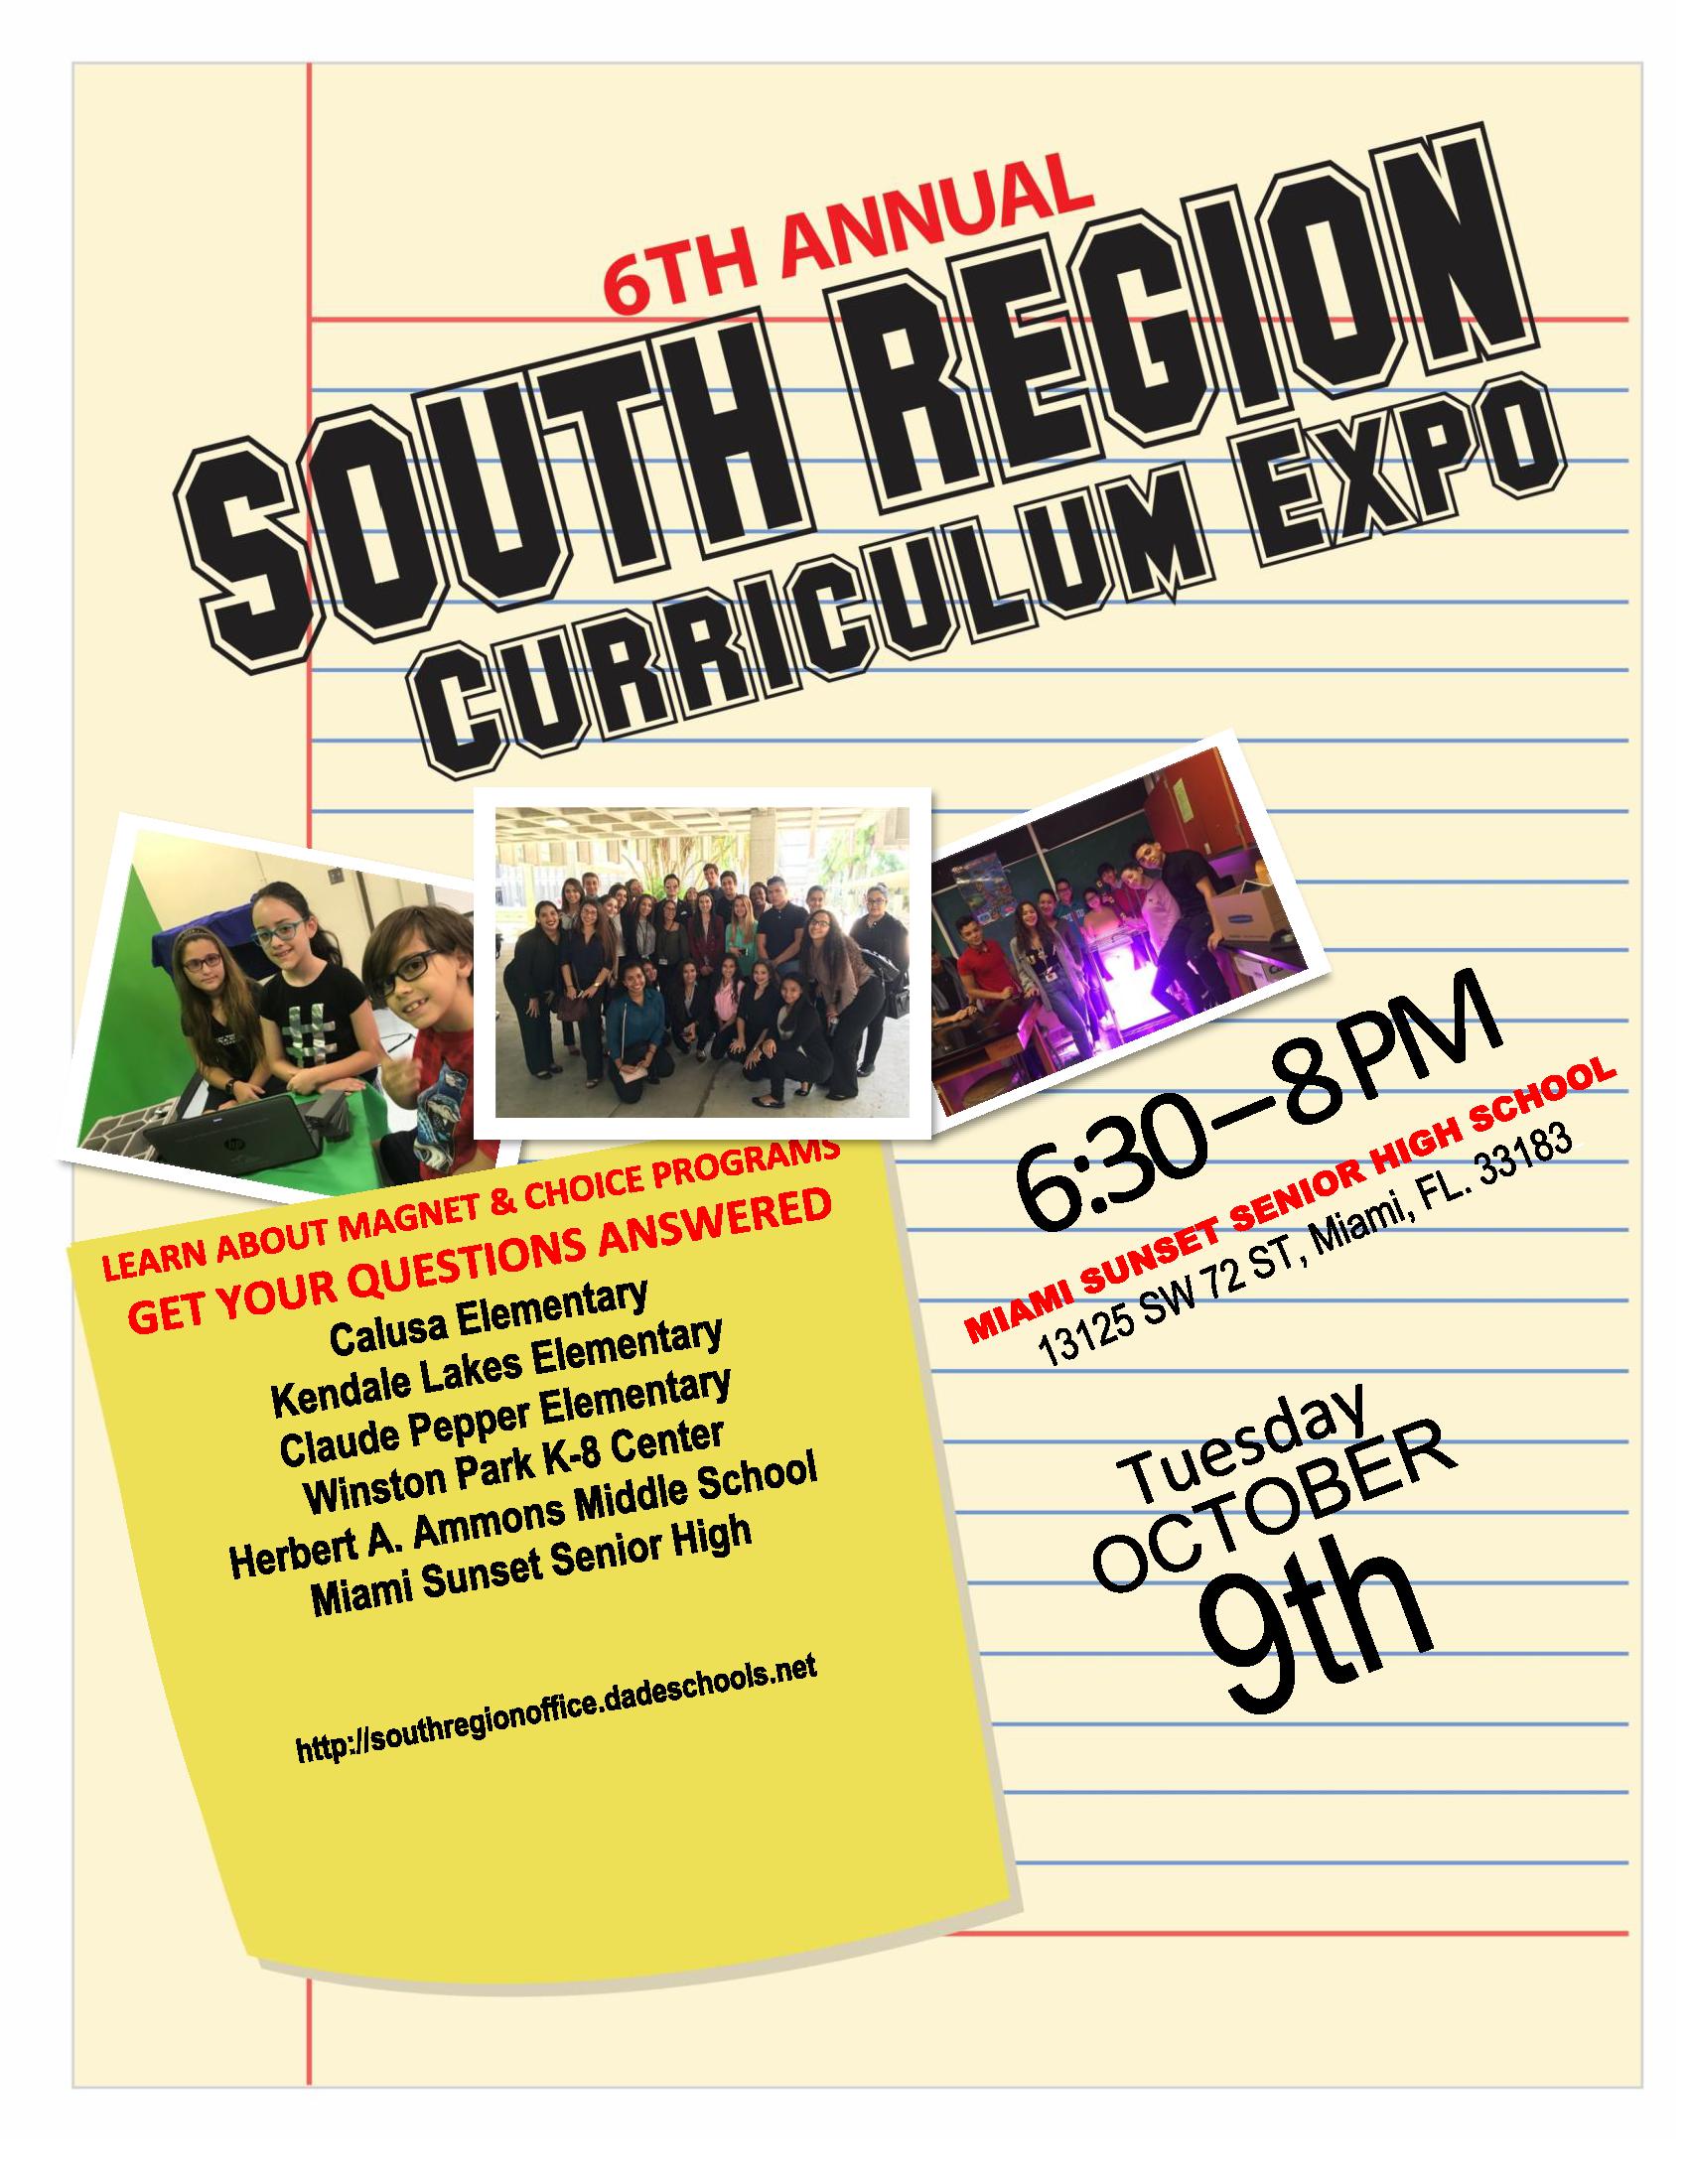 Curriculum Expo @ Miami Sunset Senior High School